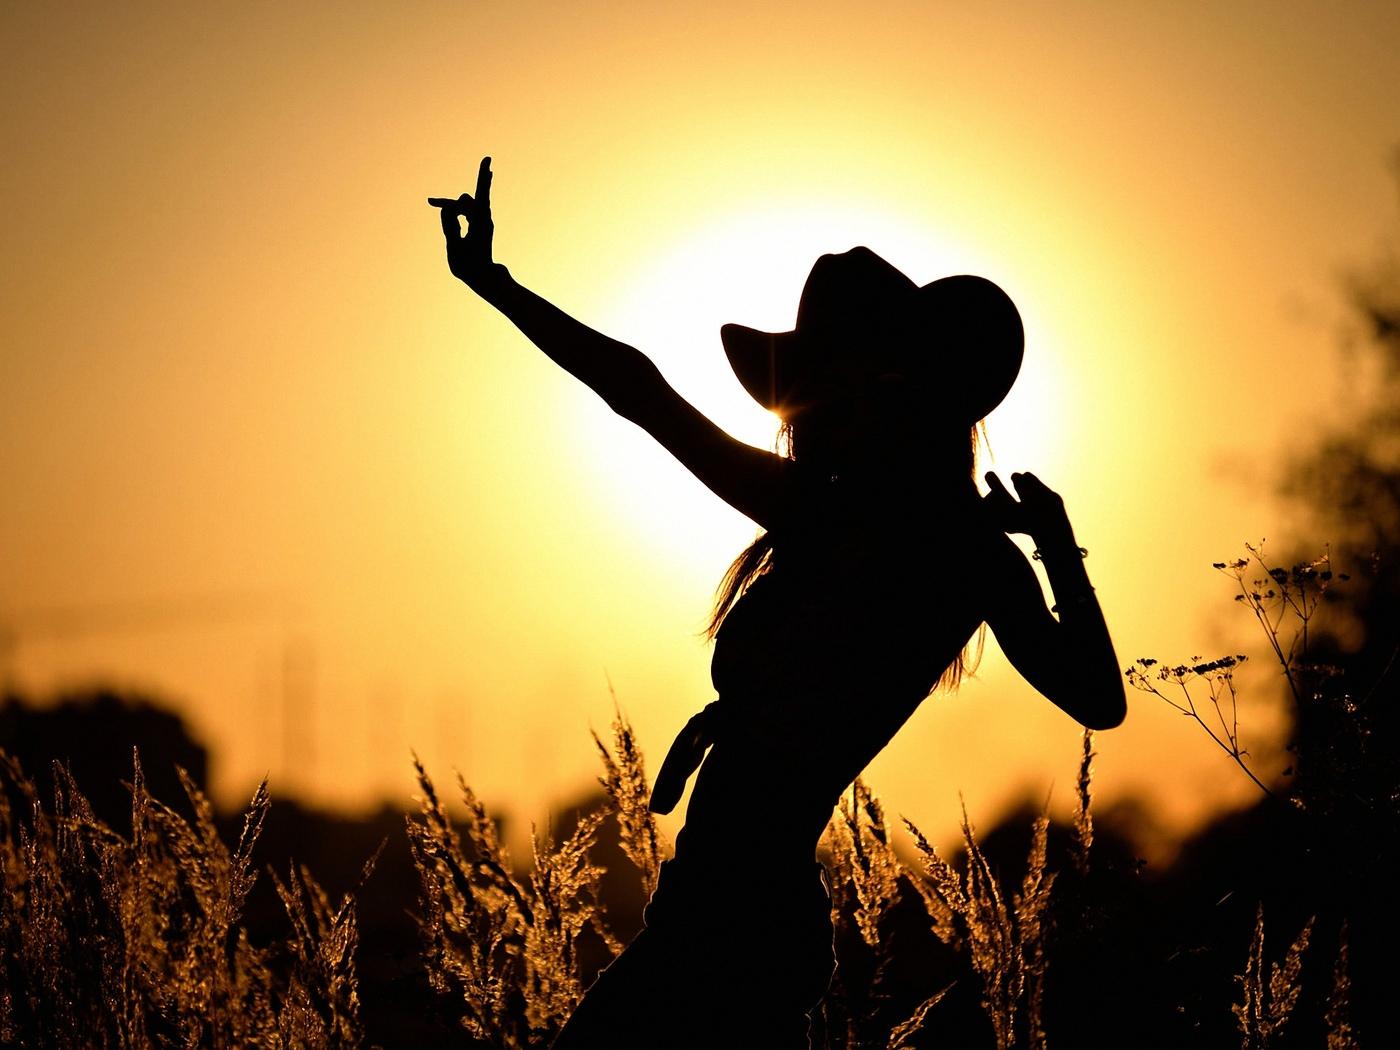 силуэт, девушки, на фоне, солнца